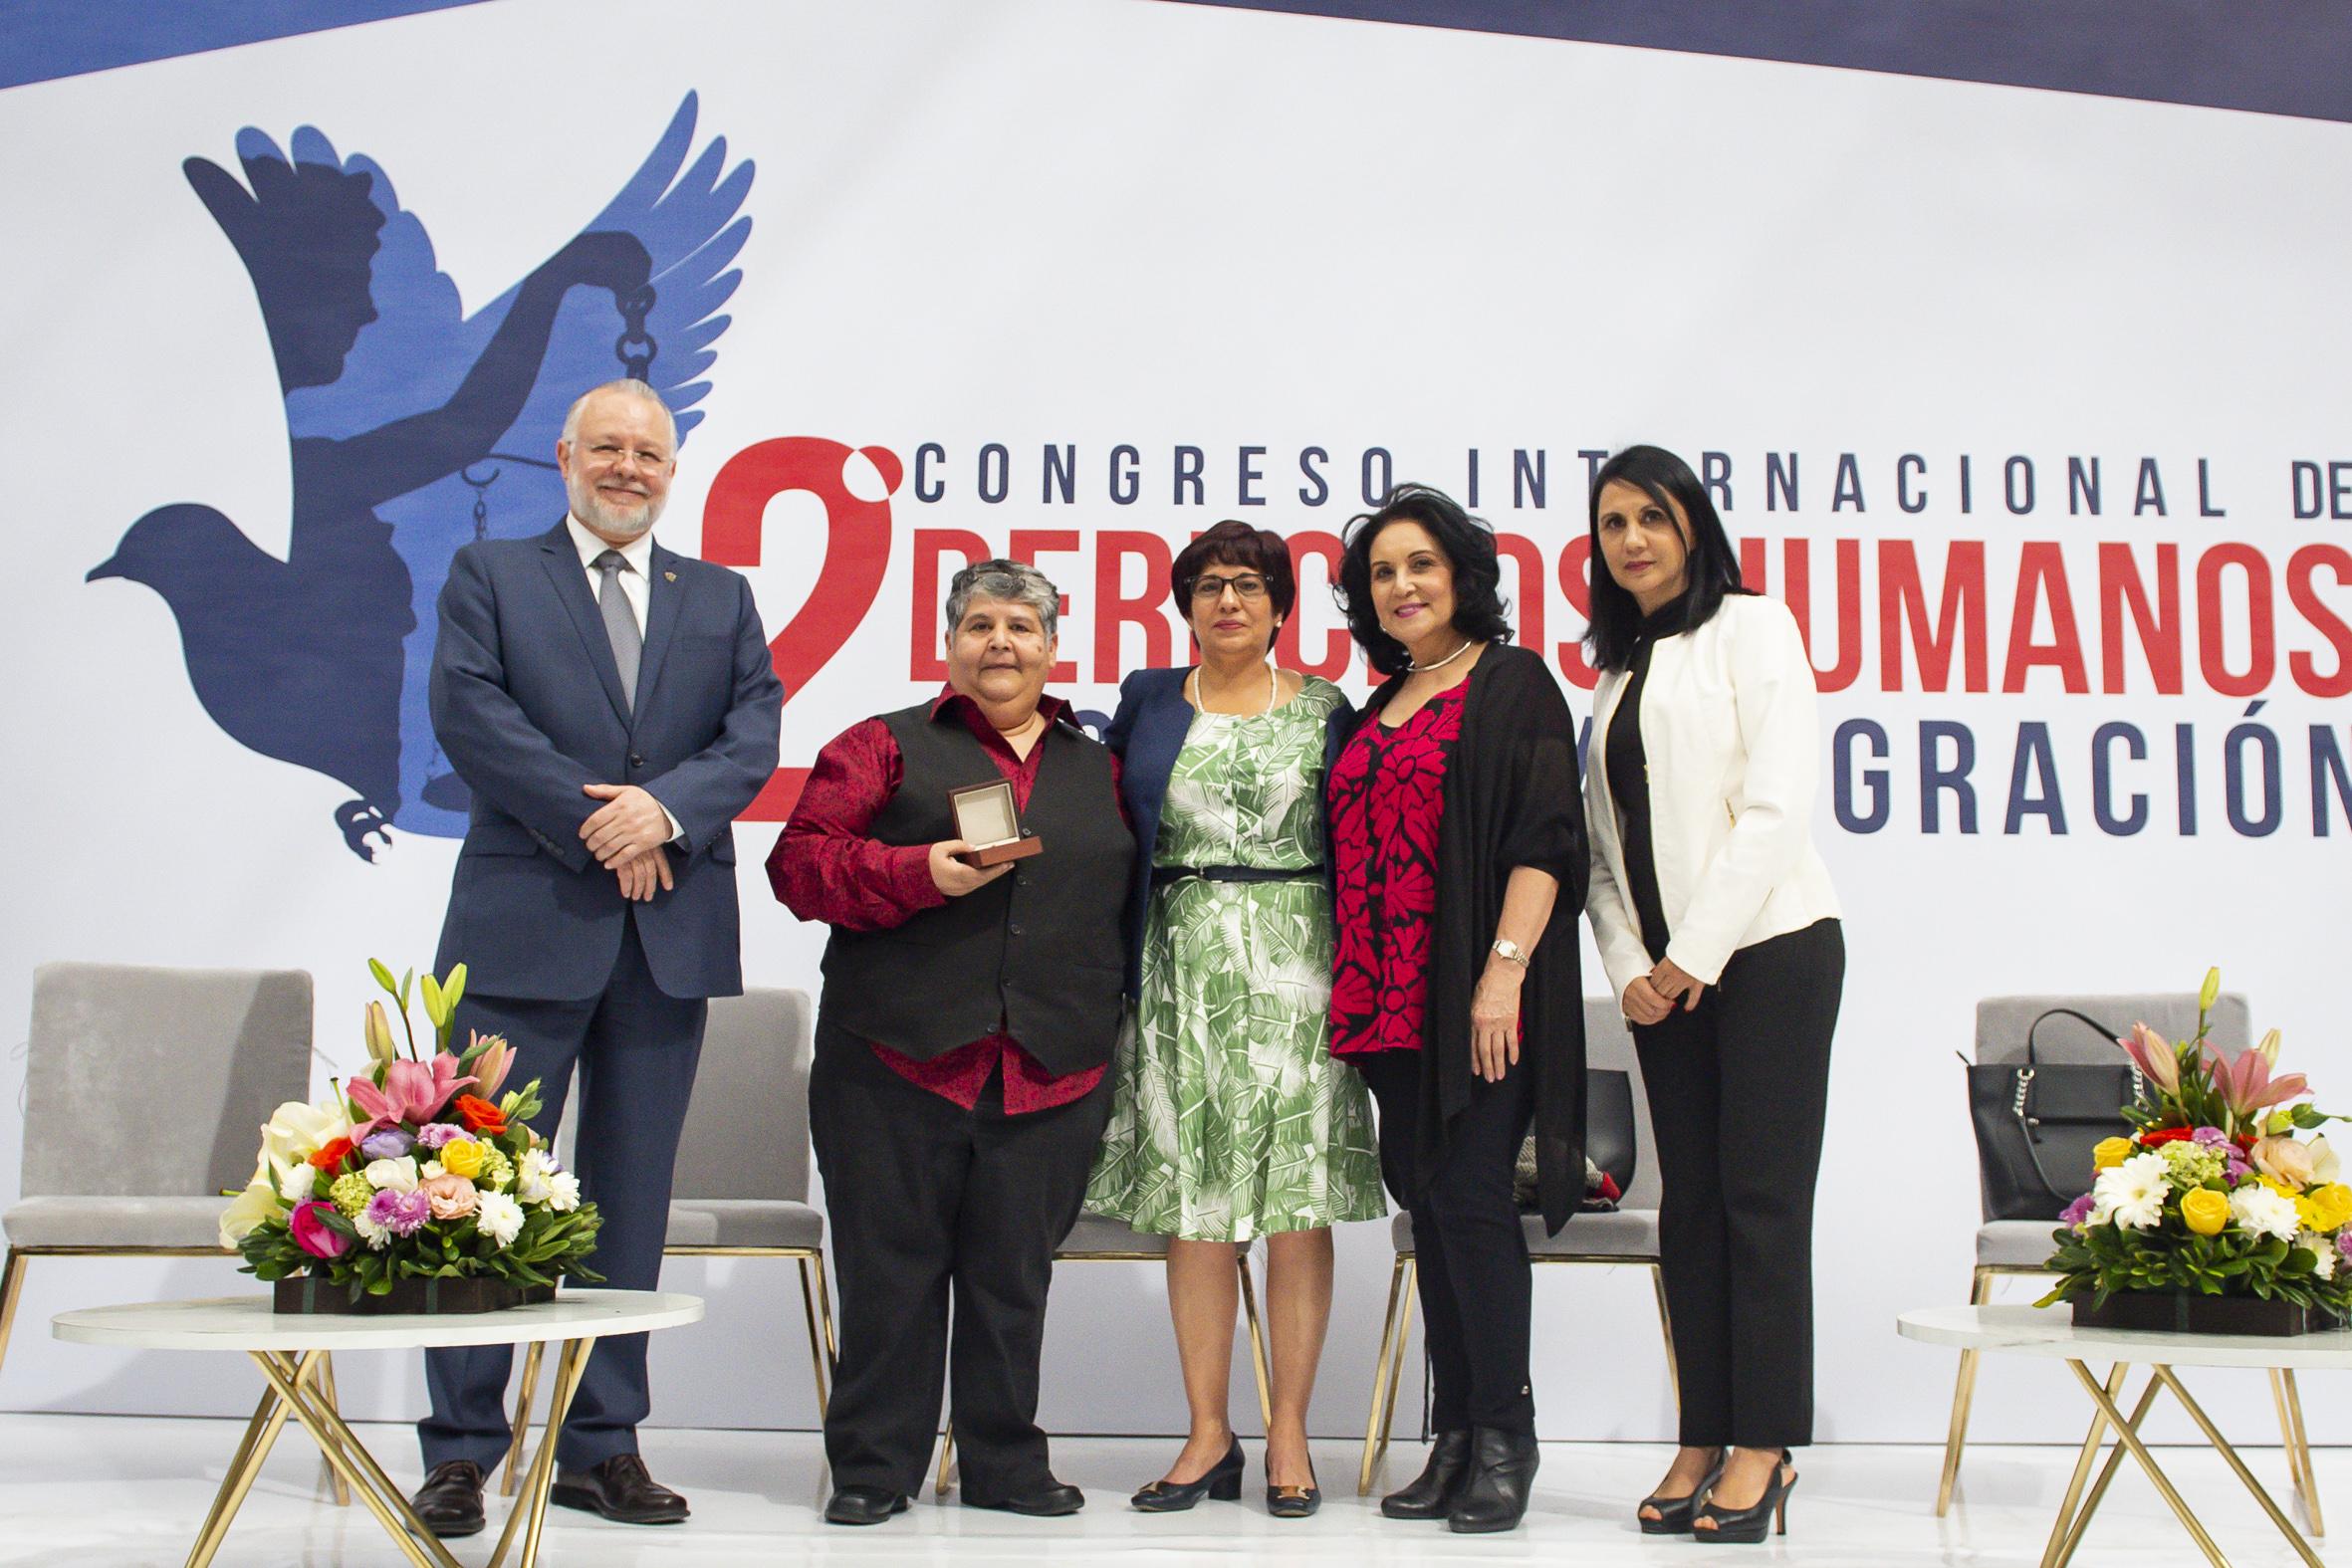 Altagracia Tamayo, el Licenciado Trinidad Padilla  y autoridades posan para la foto oficial